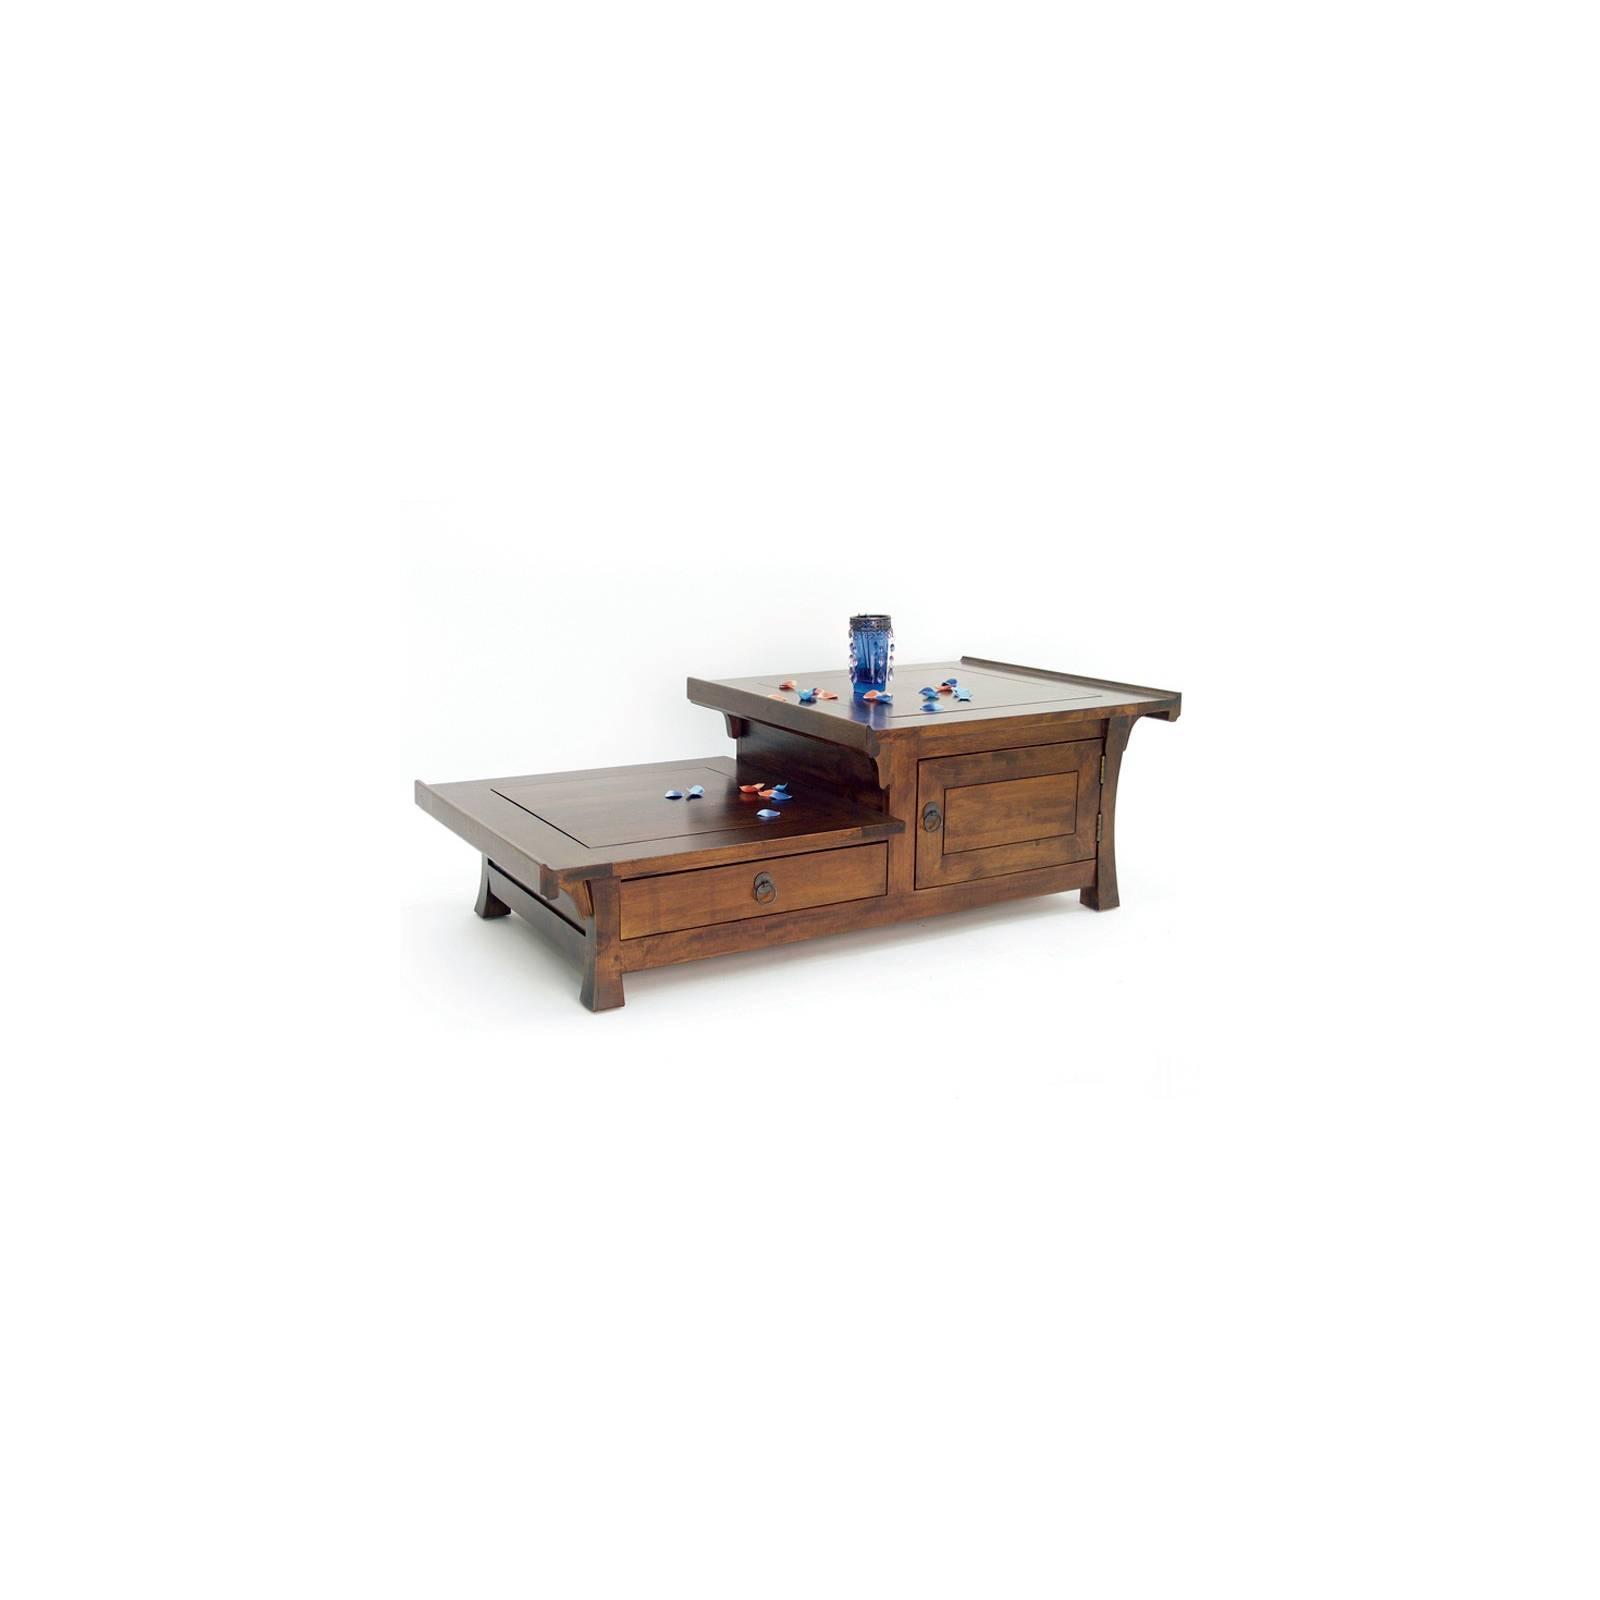 Table Basse Asymétrique Chine Hévéa - meuble bois exotique